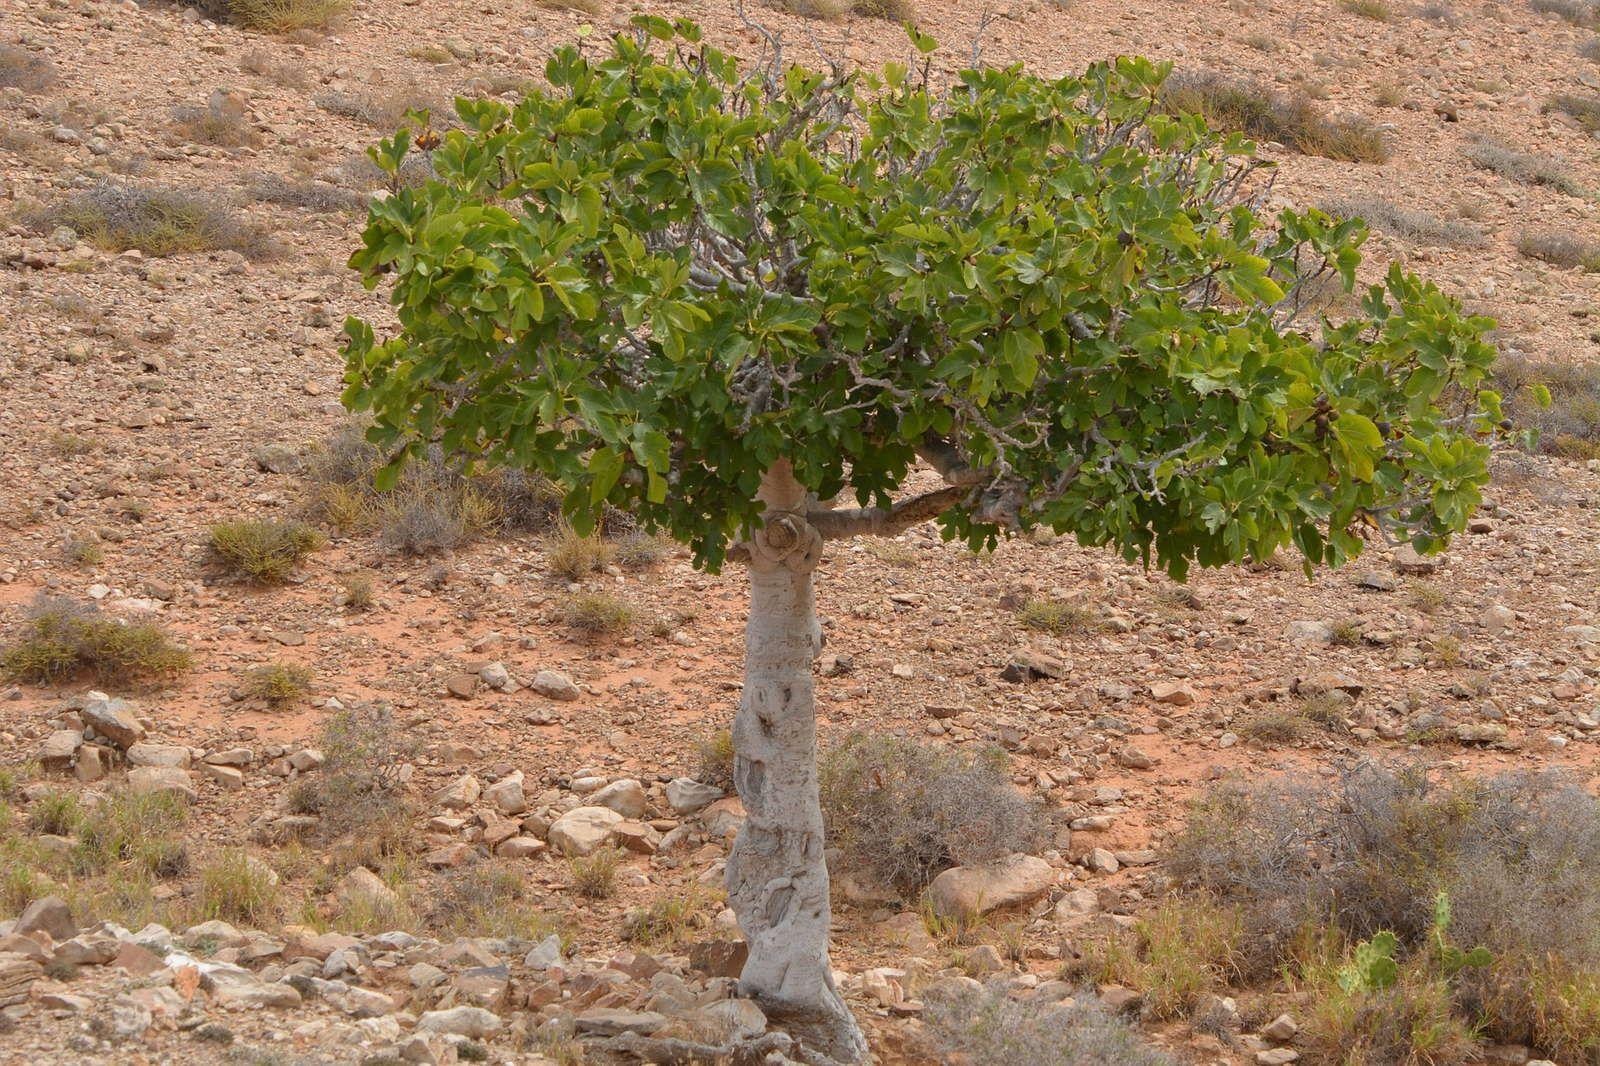 Feigenbaum schneiden Tipps vom Experten Feigenbaum